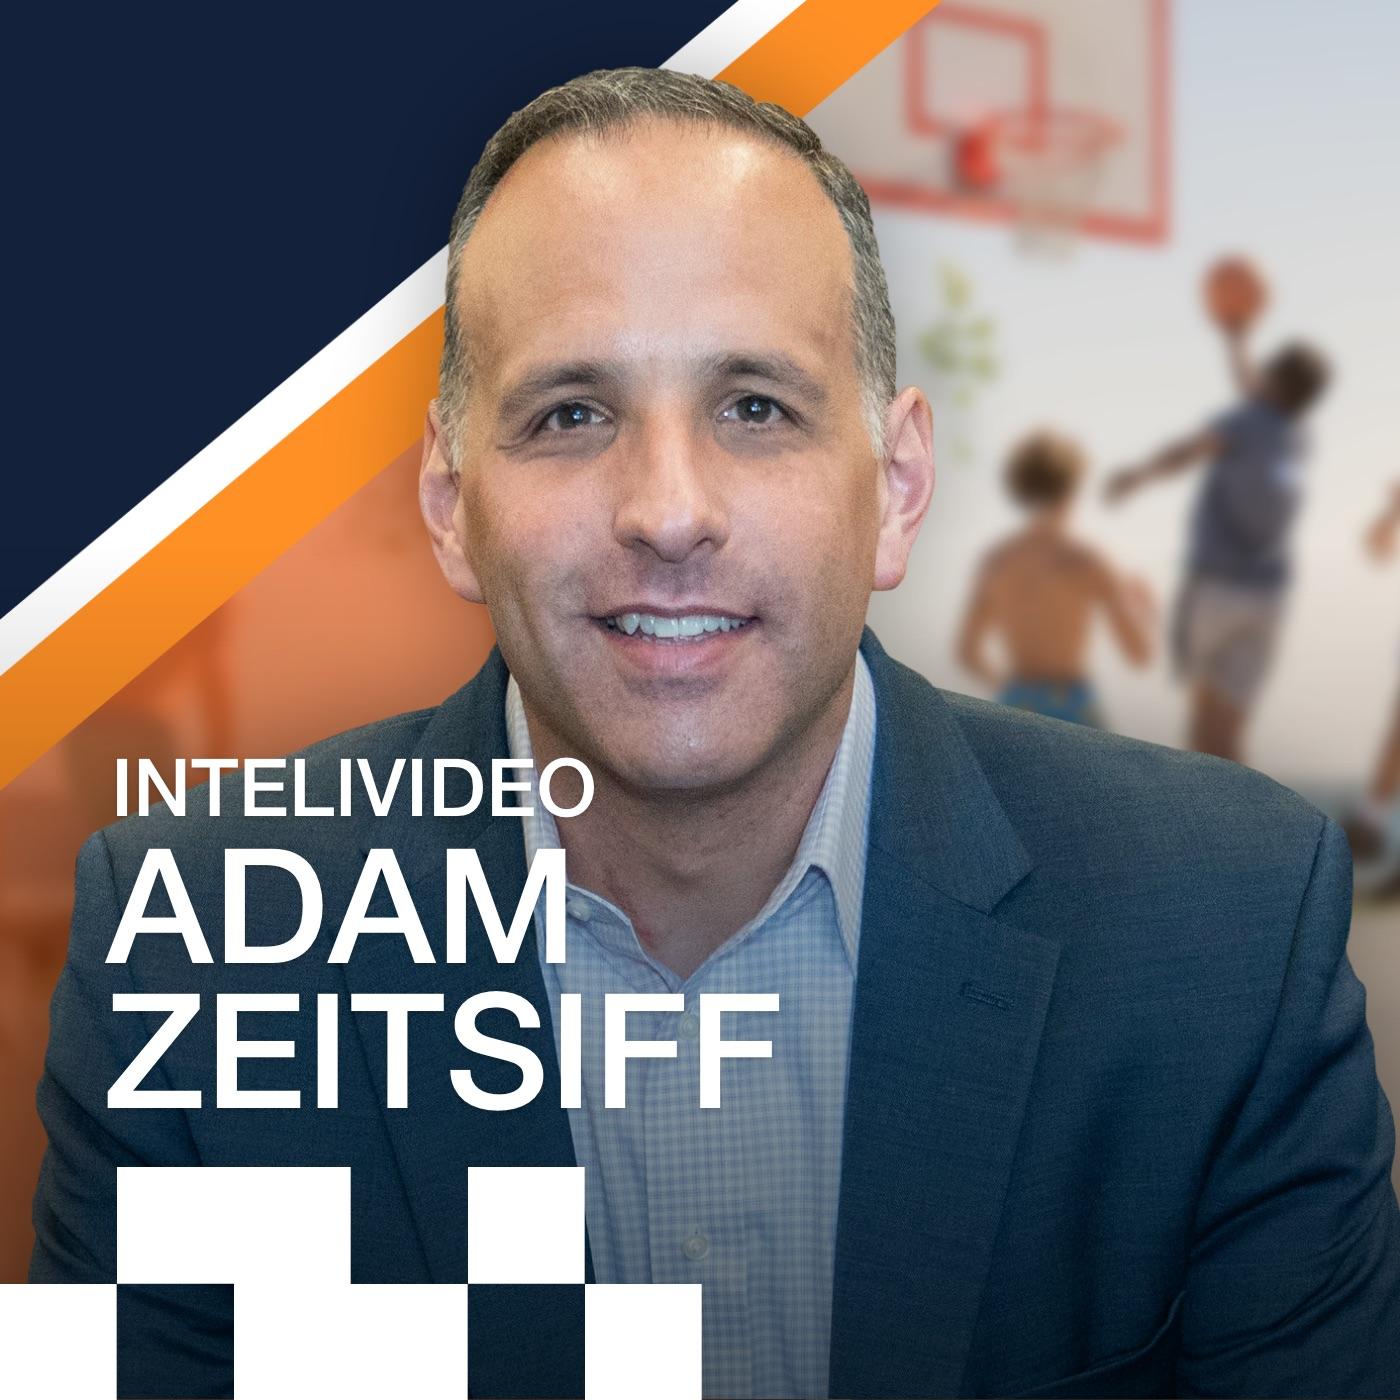 Adam Zeitsiff